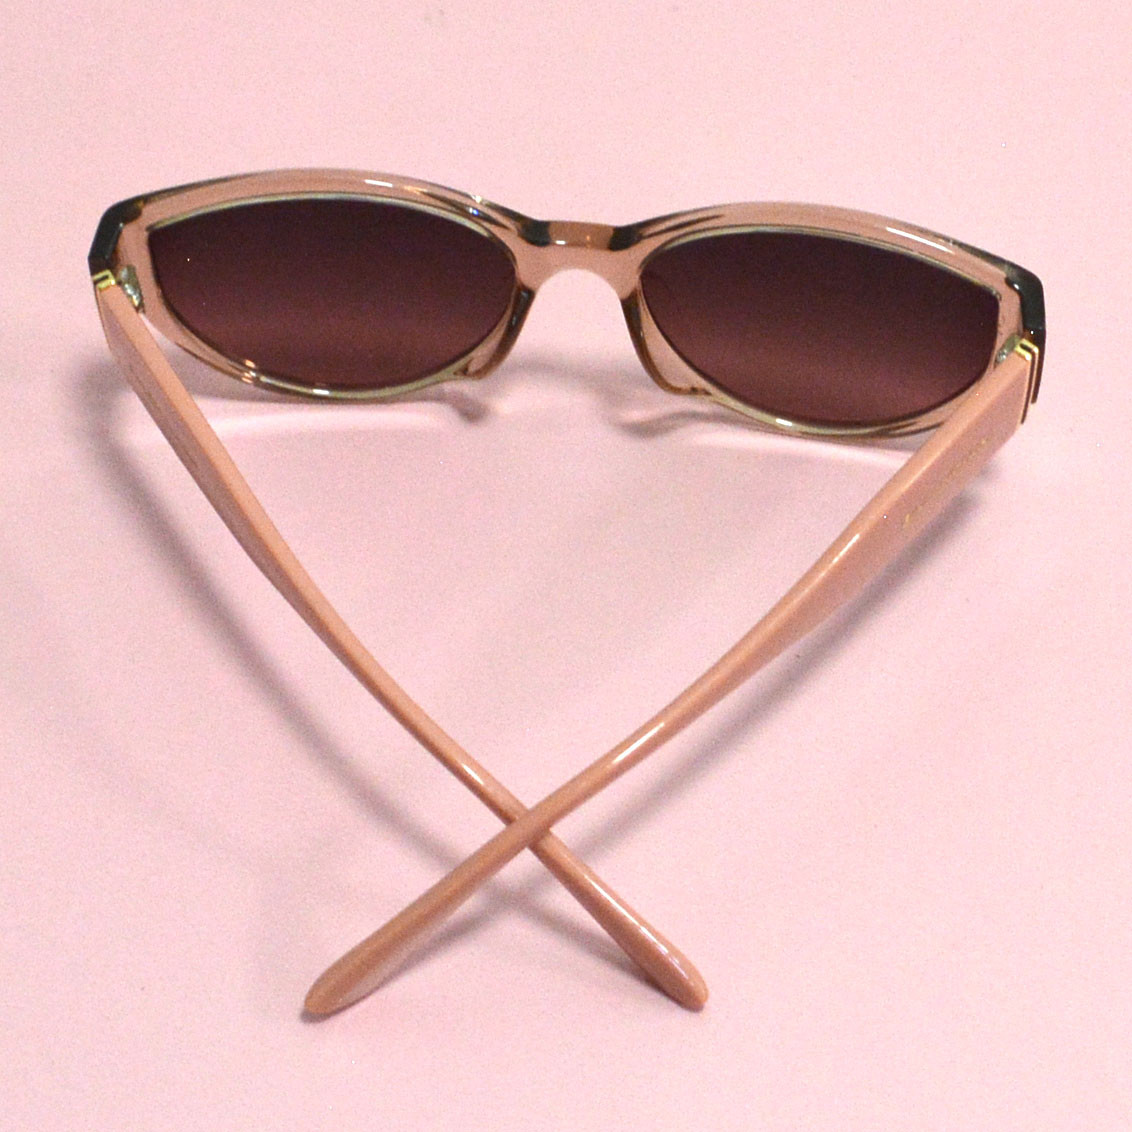 Солнцезащитные очки с коричневыми стеклами с широкой розовой дужкой Balenciaga 2125 - фото 10